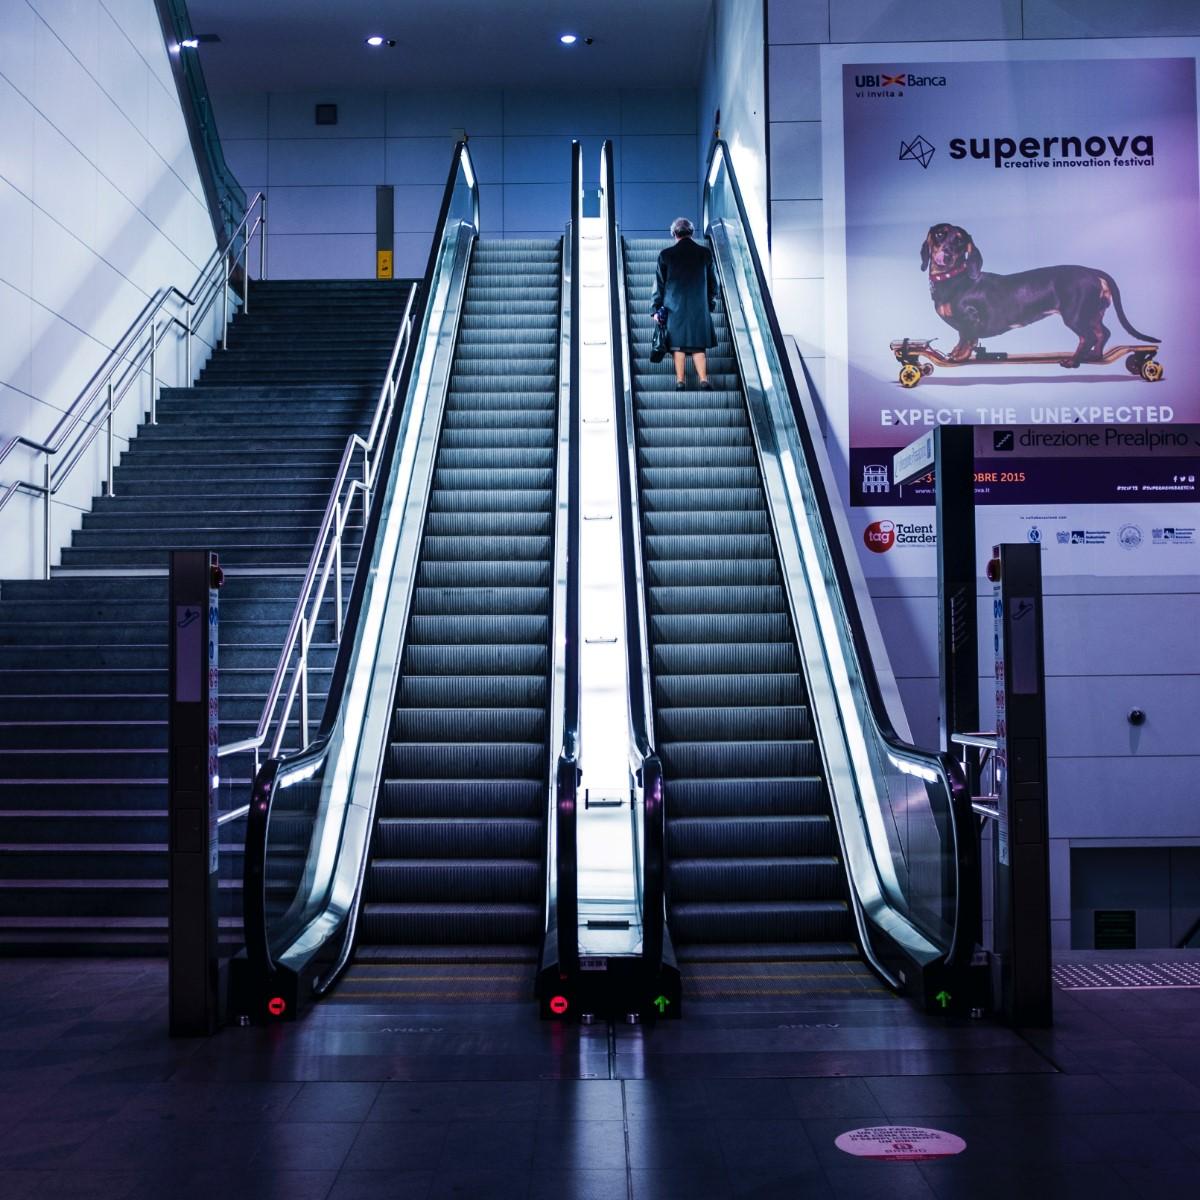 escaleras-mecanicas-embarba-ascensores-centro-comerciales-aeropuertos-1